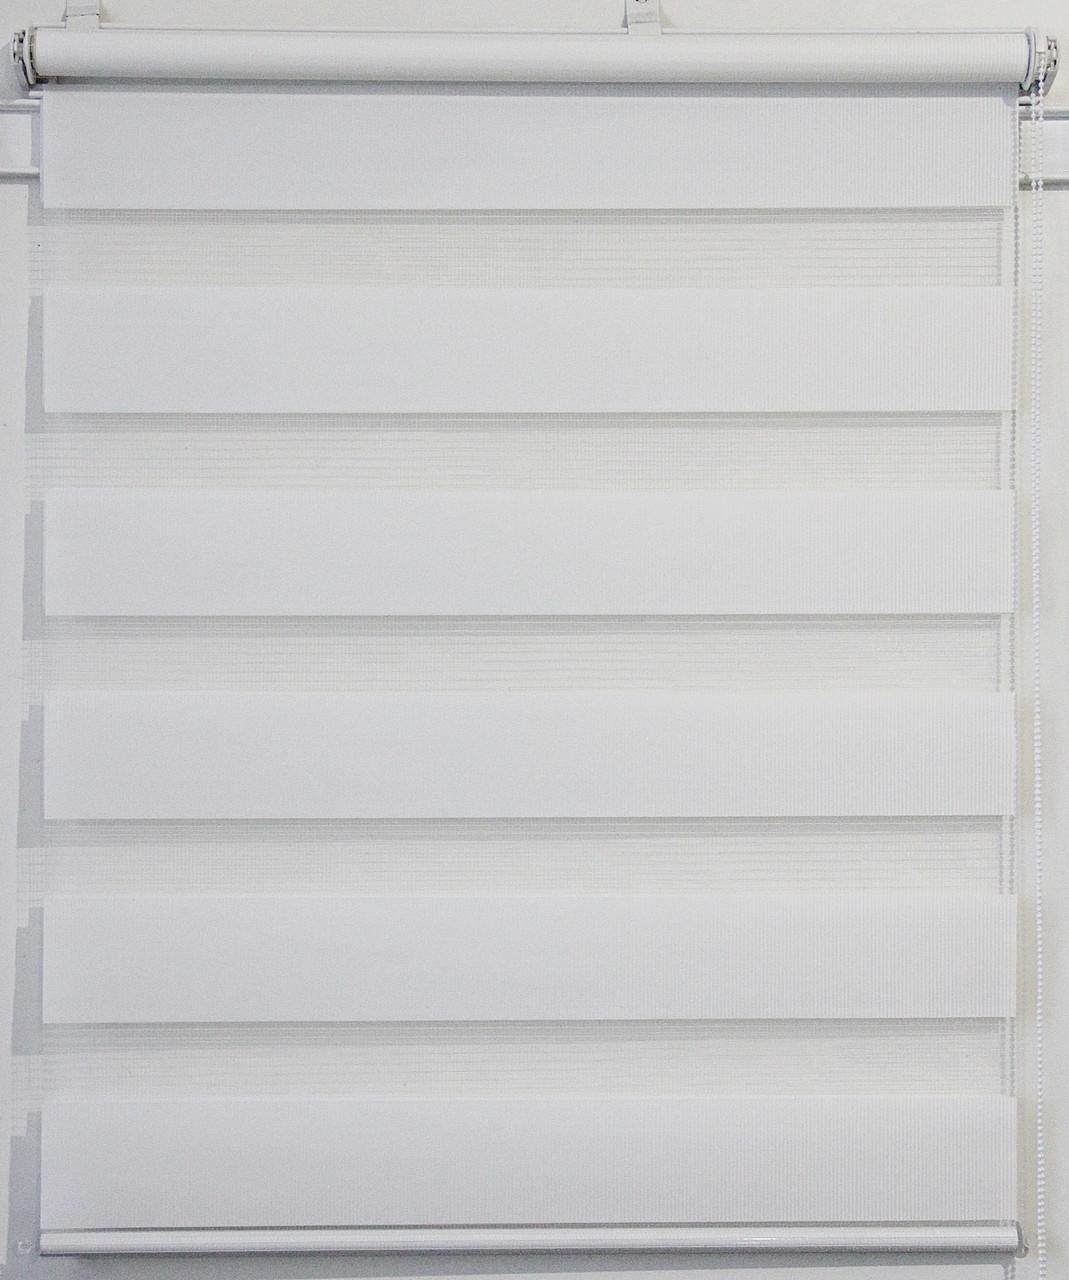 Готовые рулонные шторы 425*1300 Ткань ВН-01 Белый